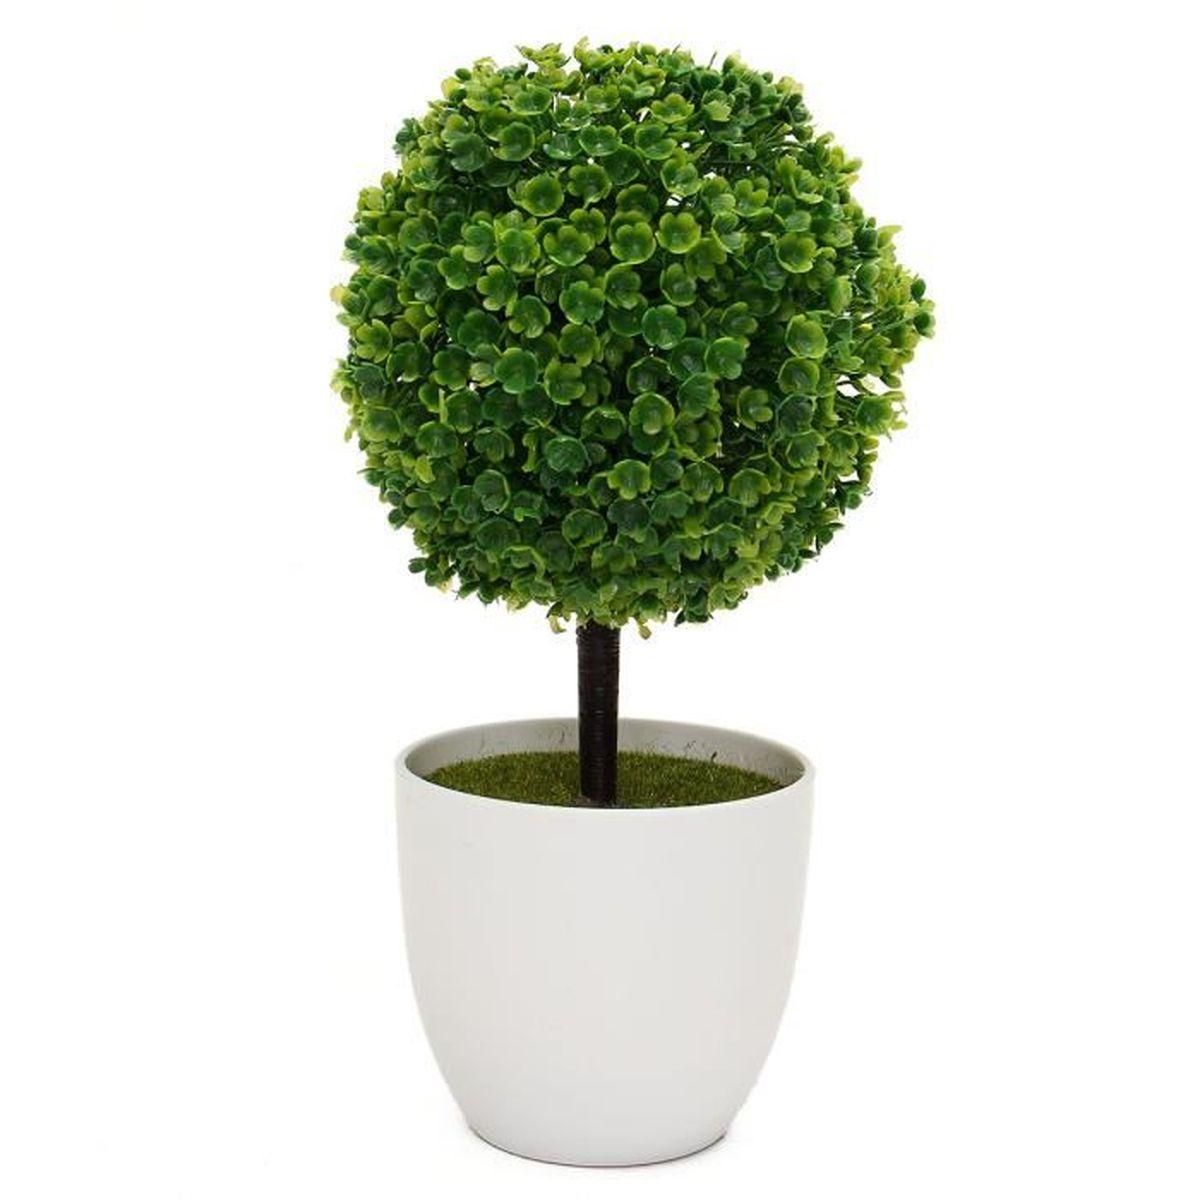 boule artificielle herbes arbre pot pvc maison d coration vert achat vente fleur. Black Bedroom Furniture Sets. Home Design Ideas